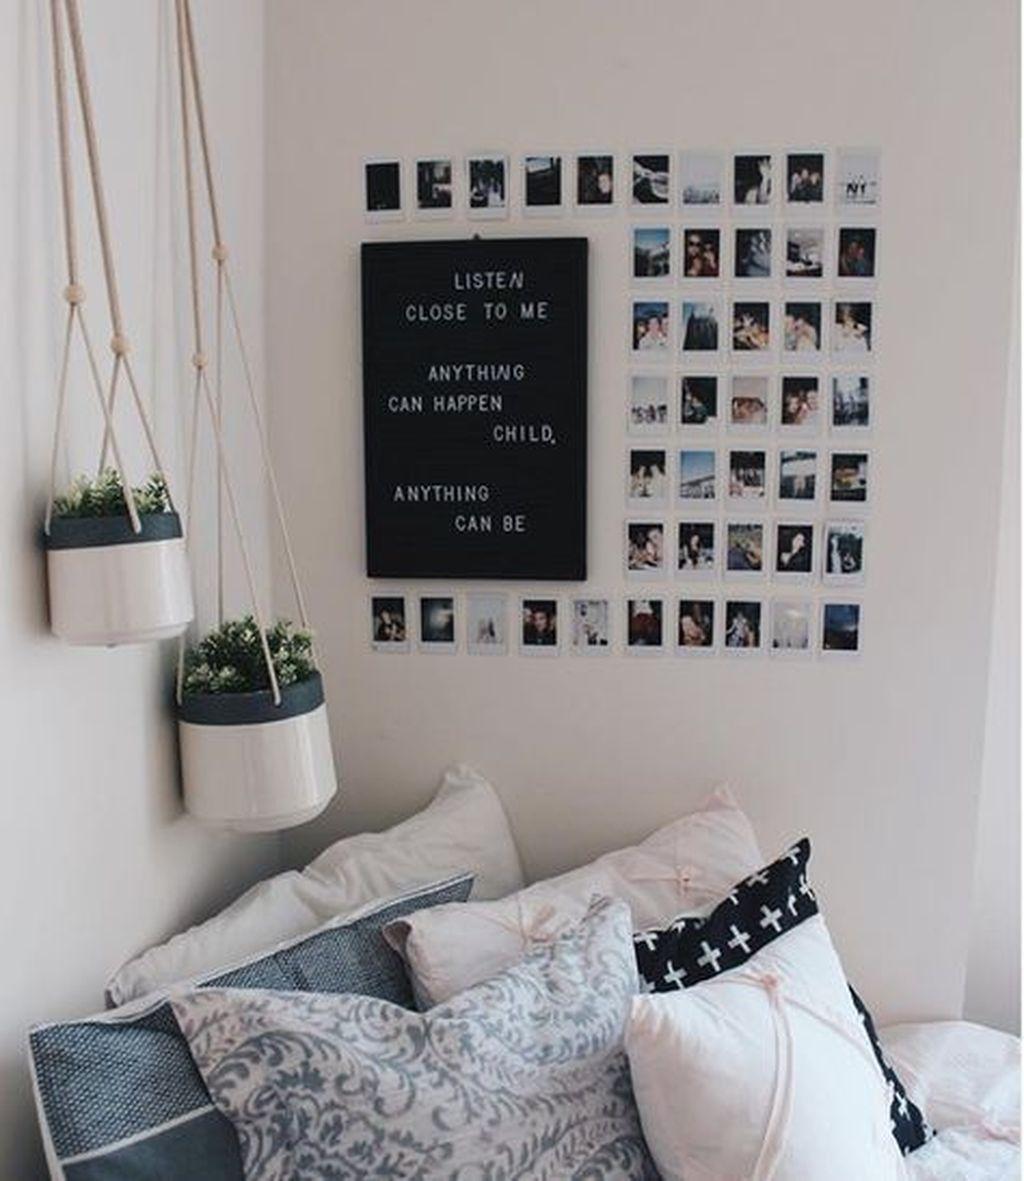 Superschöne Idee für ein kleines WG-Zimmer: eine Fotowand für alle ...